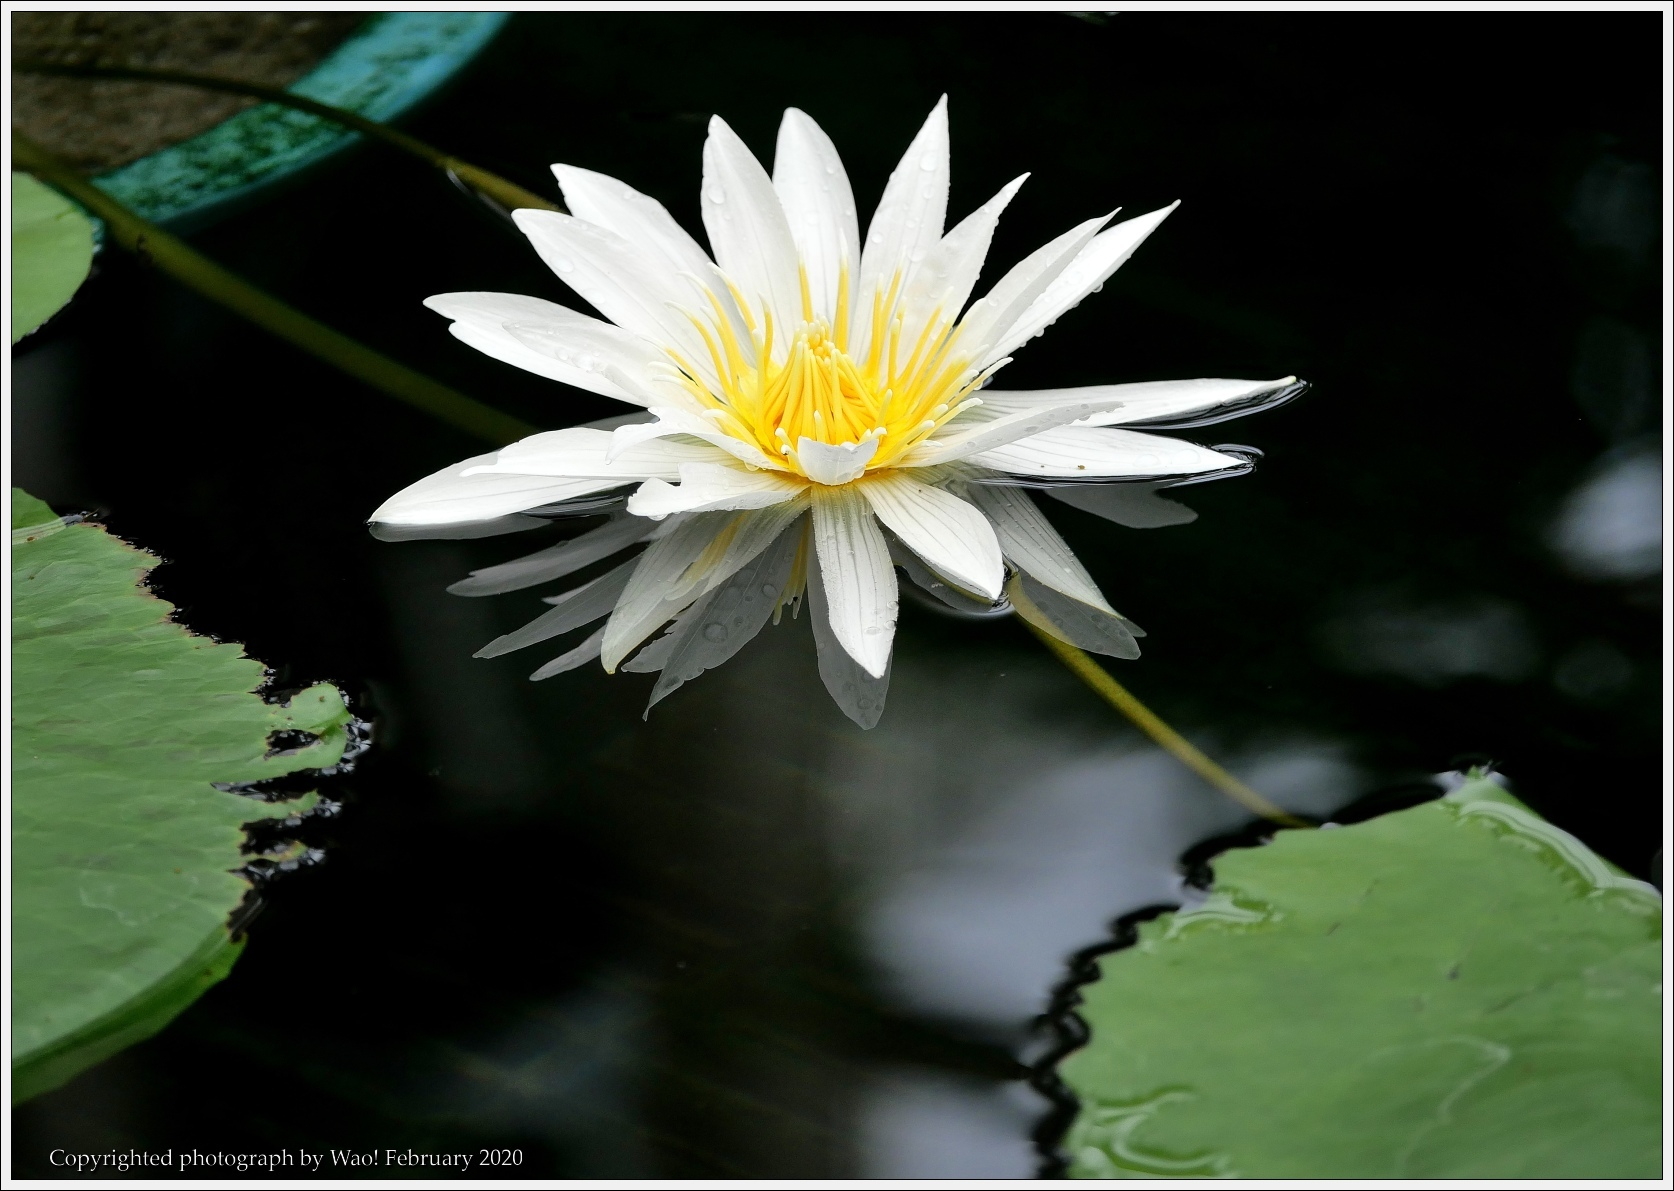 冬のバラと温室の花と蝶_c0198669_14055159.jpg